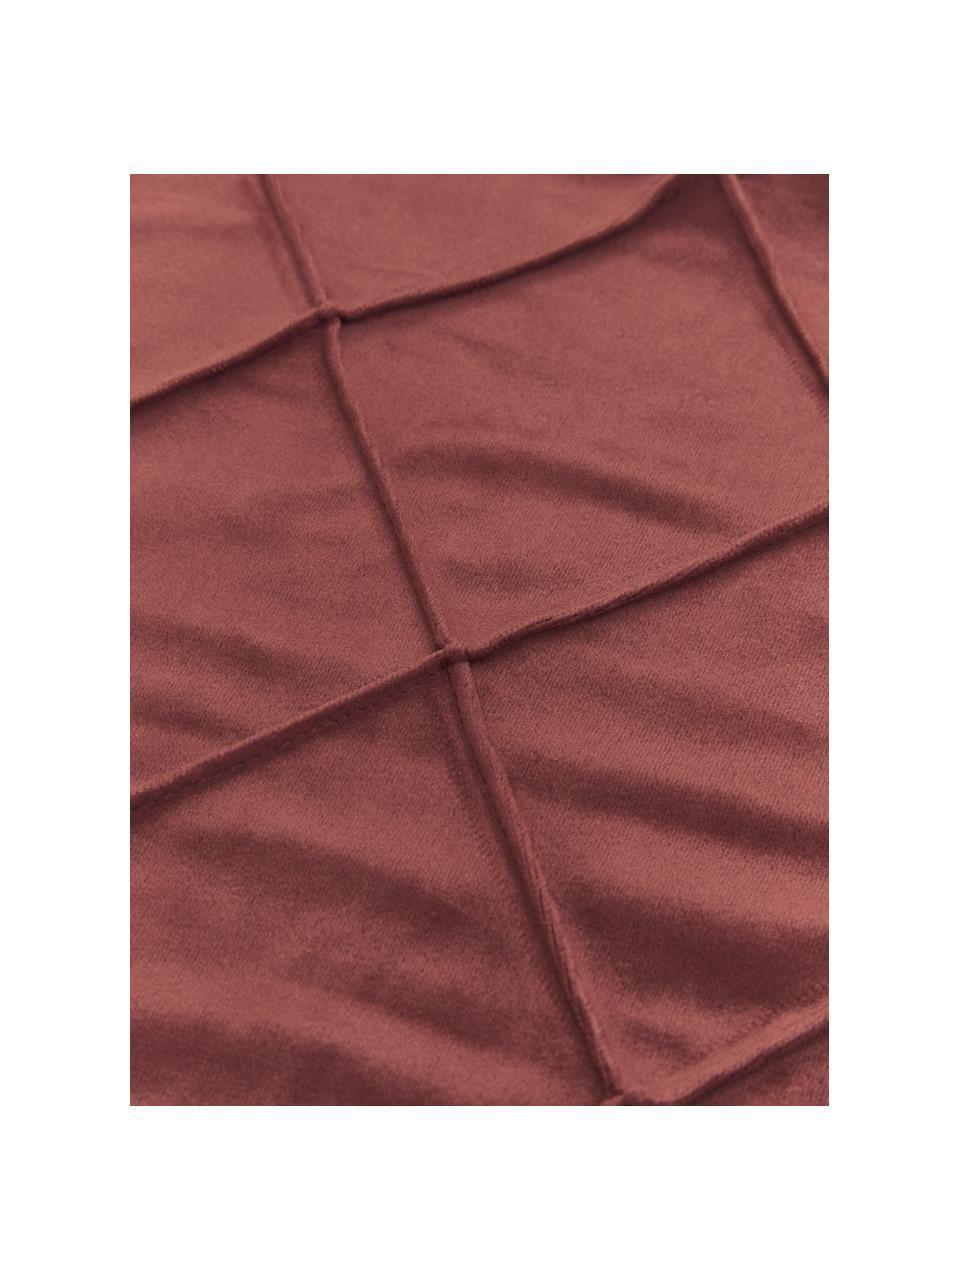 Federa arredo in velluto con motivo a rombi Nobless, 100% velluto di poliestere, Terracotta, Larg. 40 x Lung. 40 cm